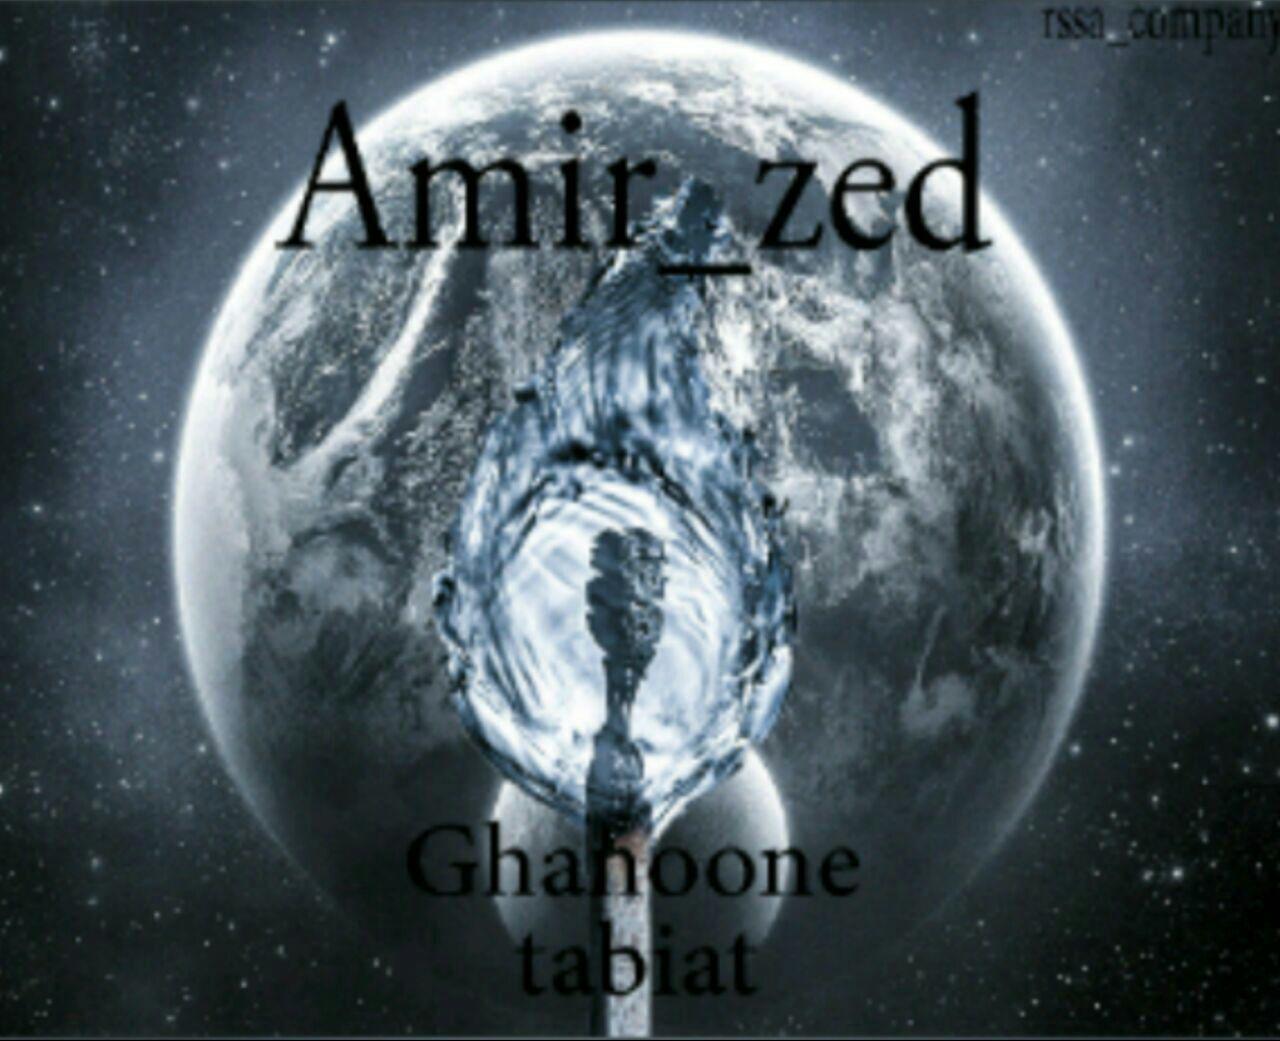 Amir Zed – Ghanoone Tabiat